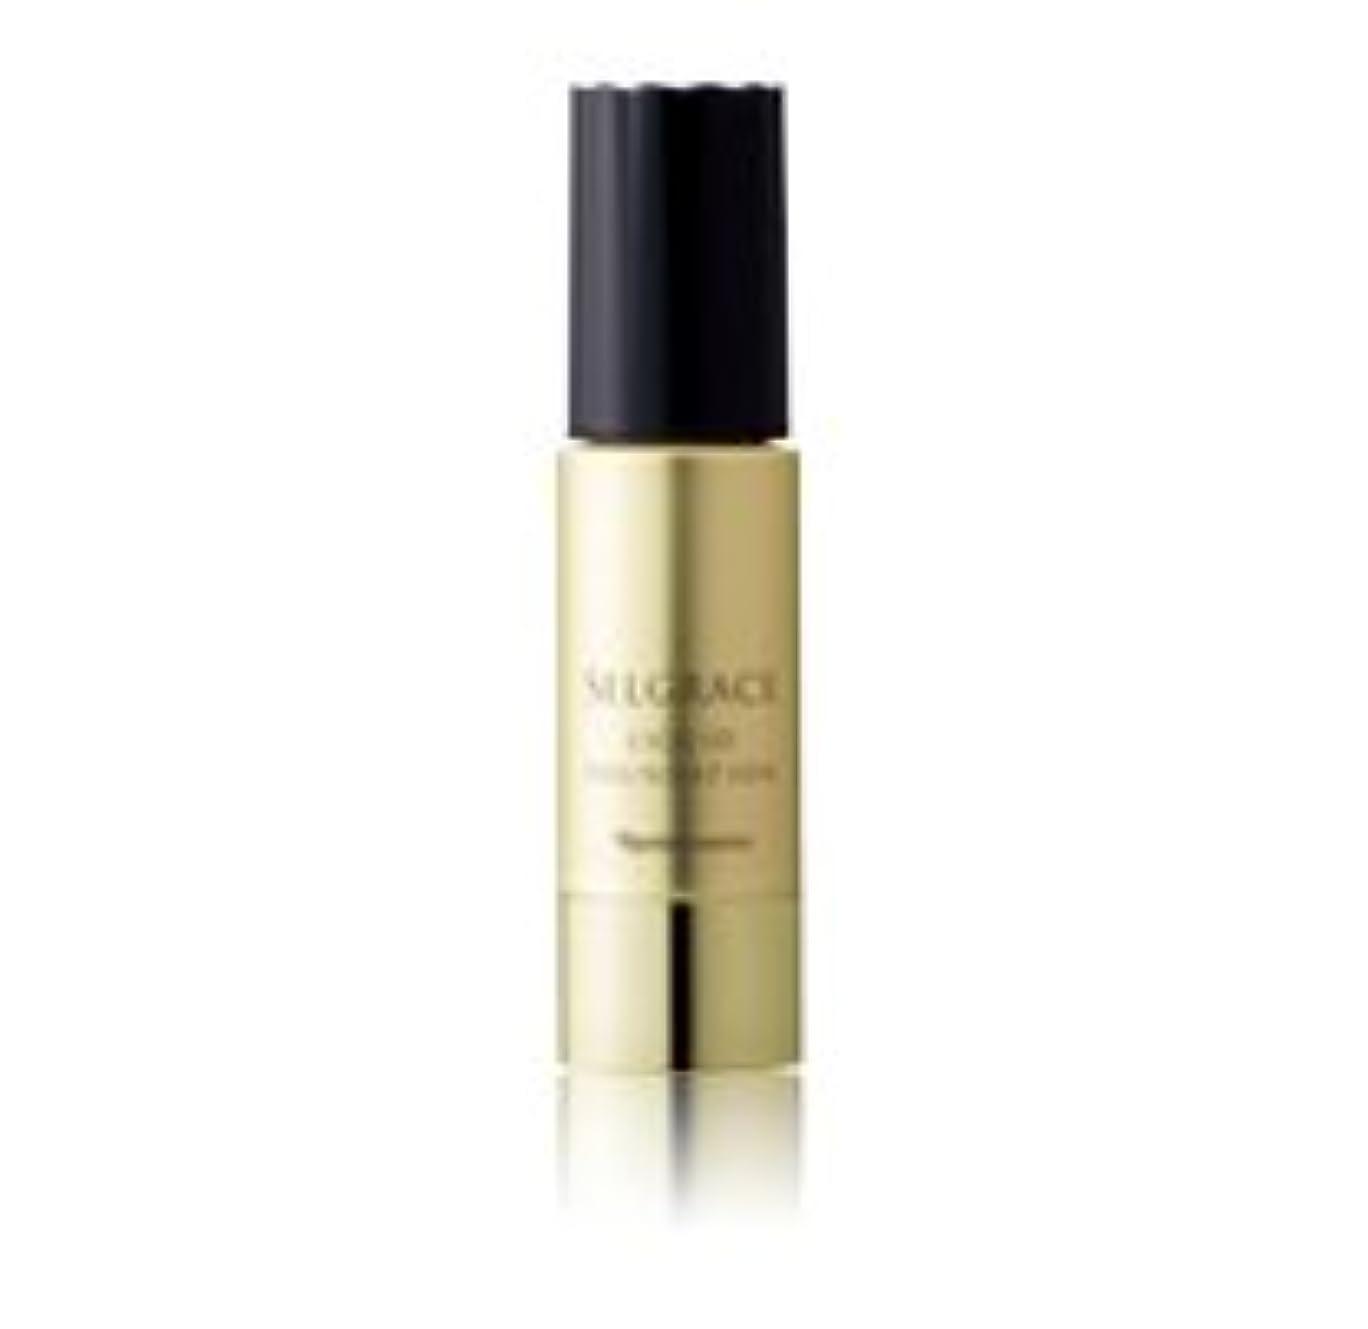 好み突っ込む貫通ナリス化粧品セルグレース リキッドファンデーション30mL[SPF30 PA++]550